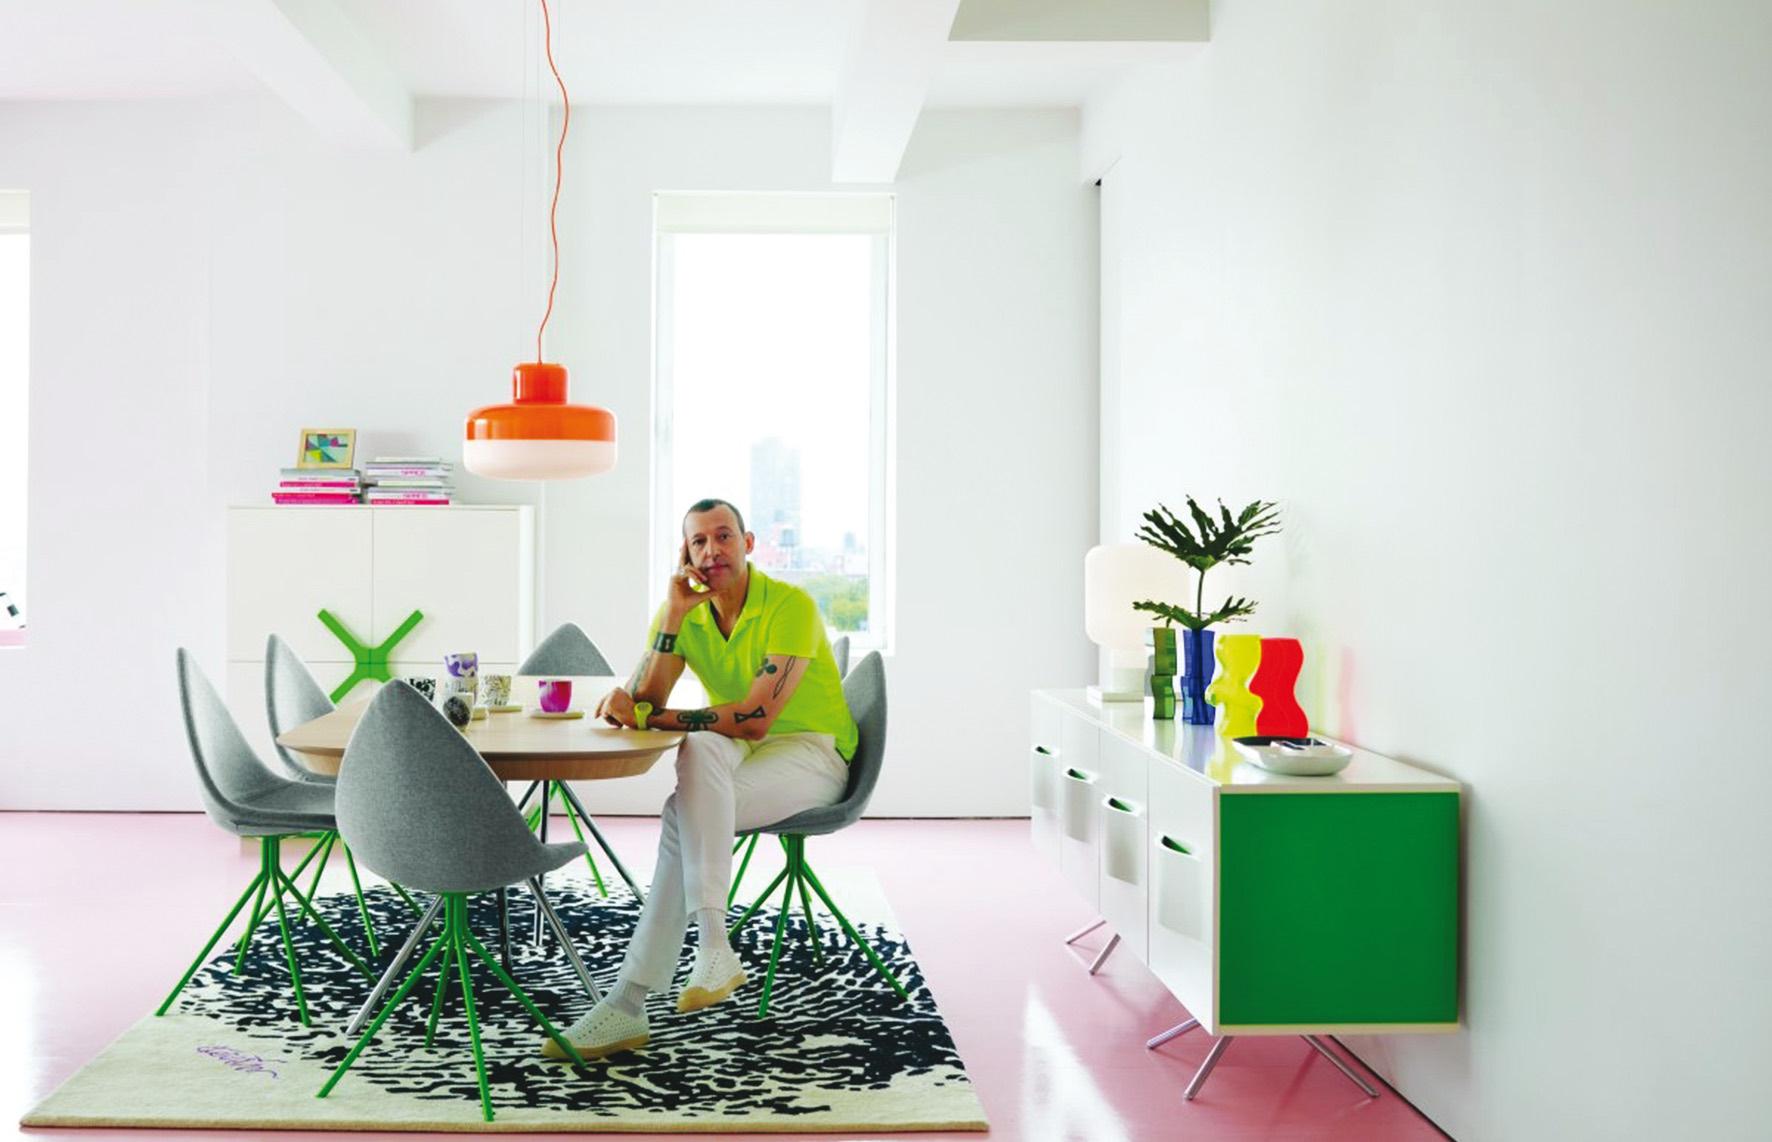 Karim Rashid chair design by karim rashid Amazing Chair Design by Karim Rashid troj23 s 34 01